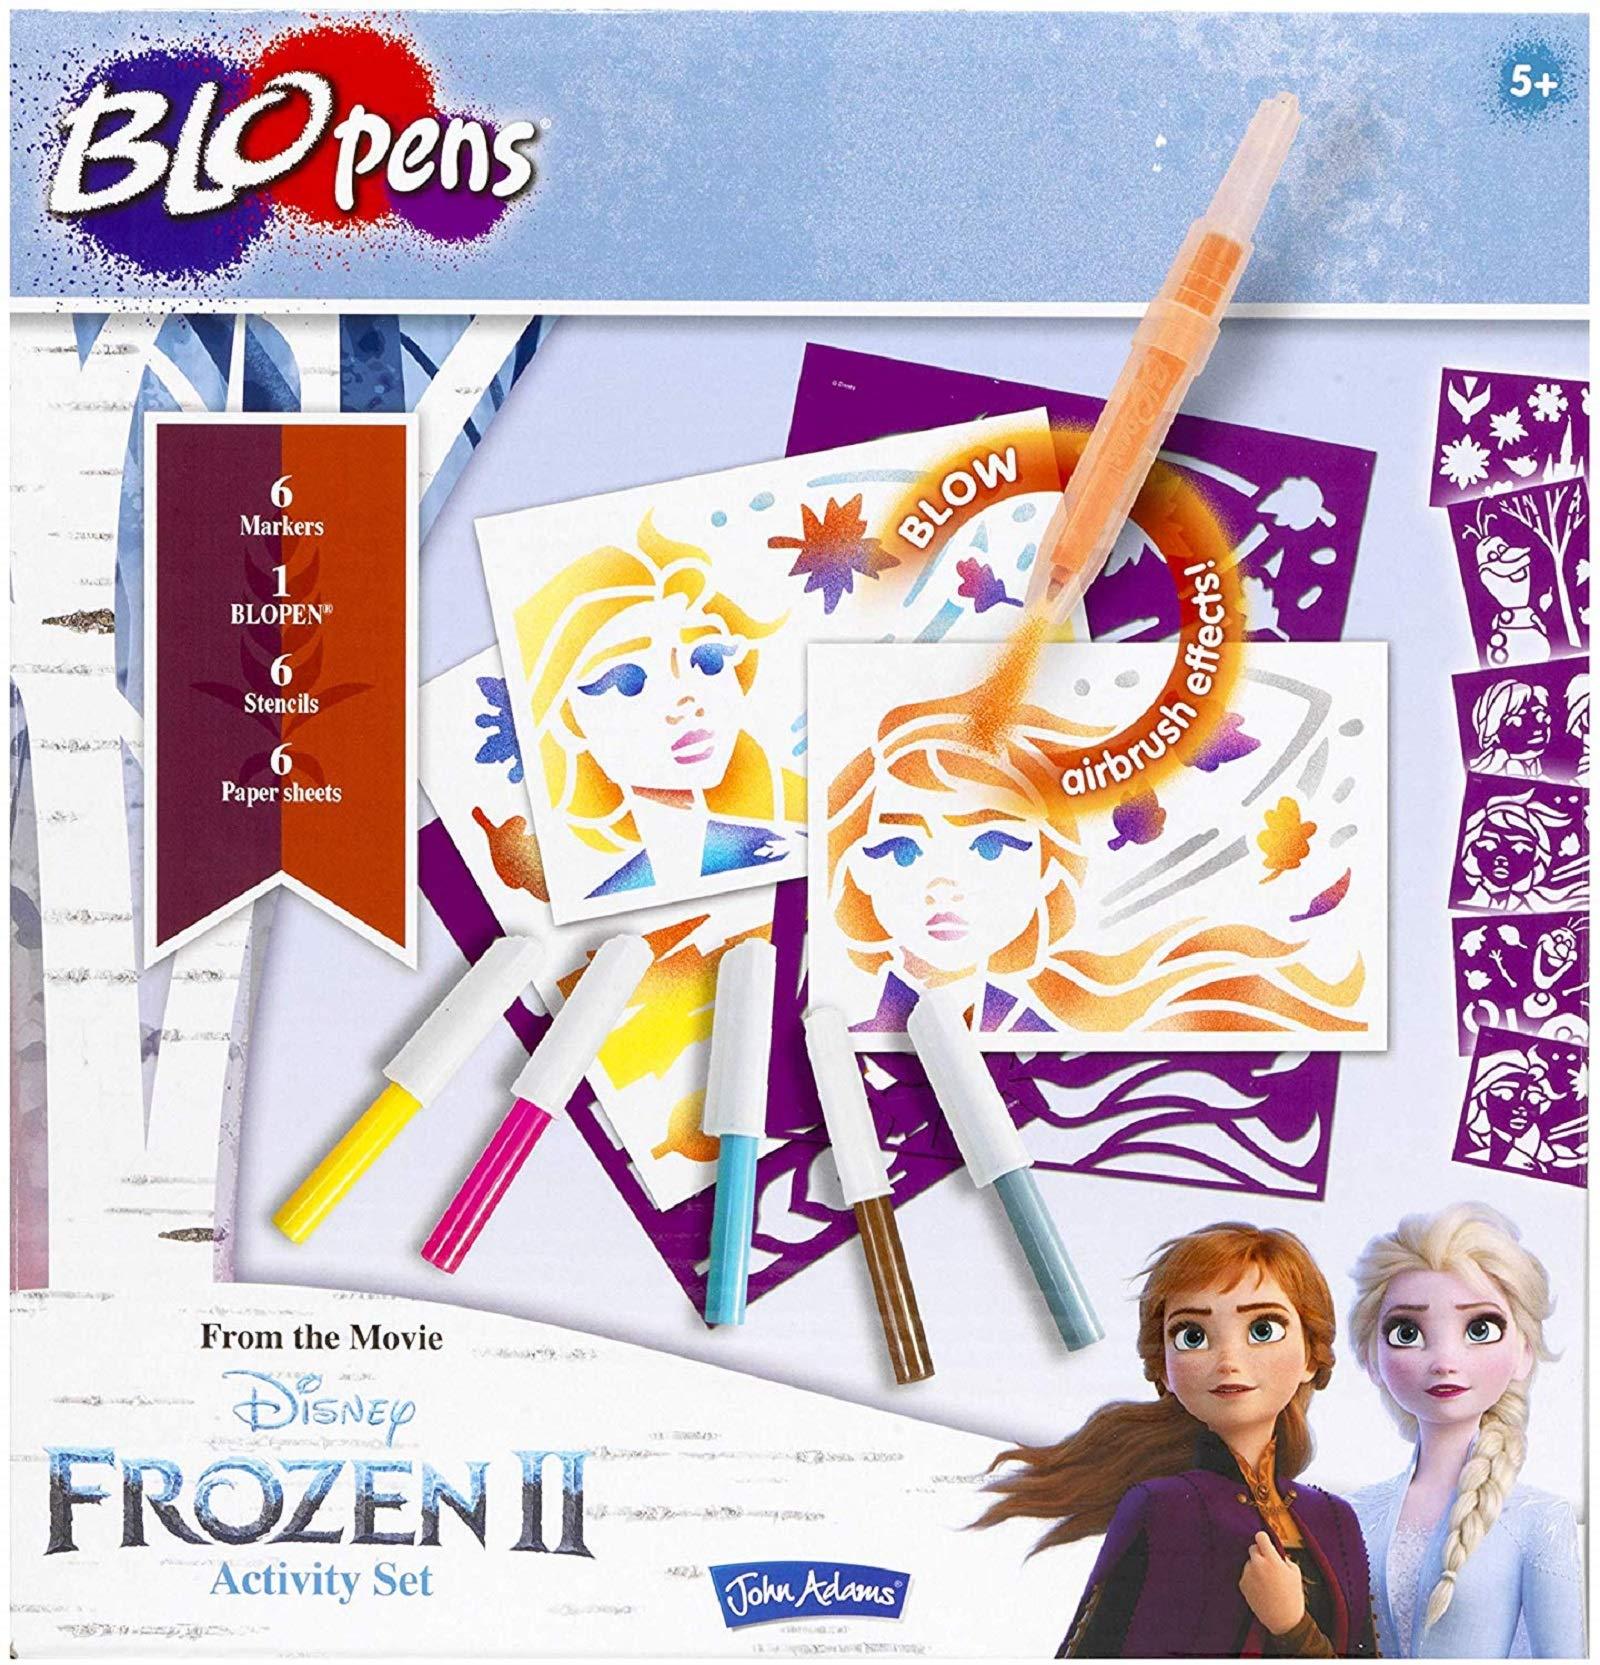 John Adams 10800 Disney Frozen II BLOPENS(R) Activity Set